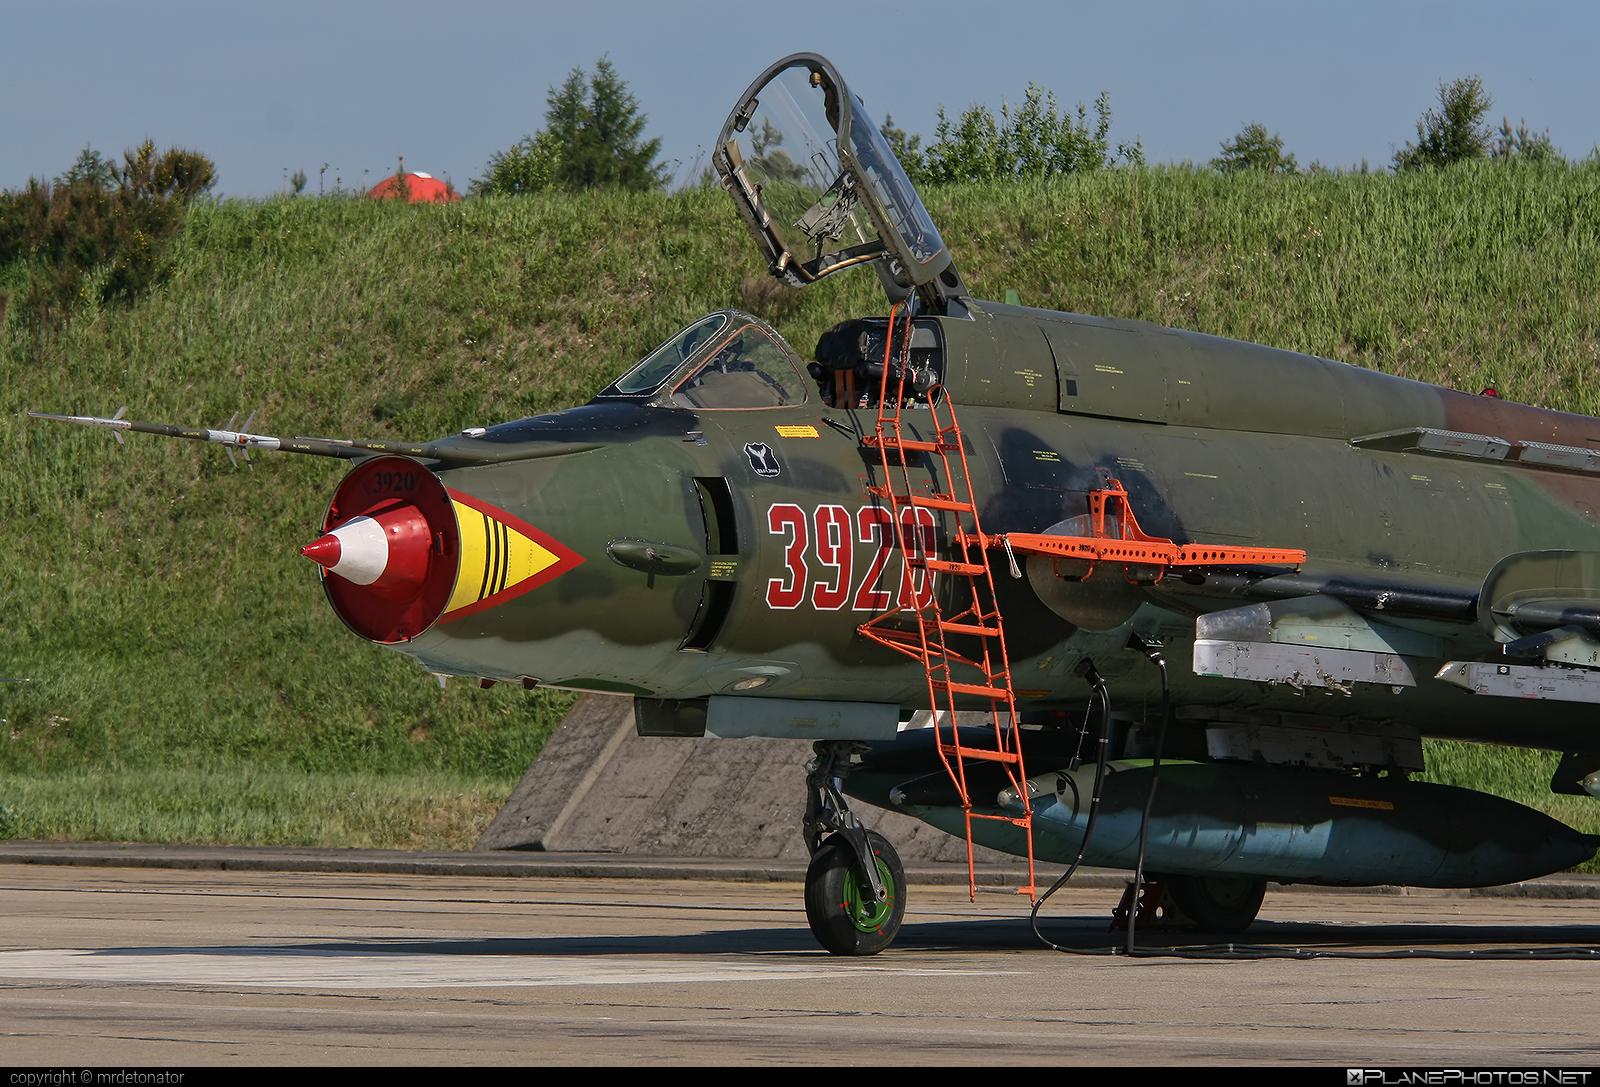 Sukhoi Su-22M4 - 3920 operated by Siły Powietrzne Rzeczypospolitej Polskiej (Polish Air Force) #polishairforce #silypowietrzne #sukhoi